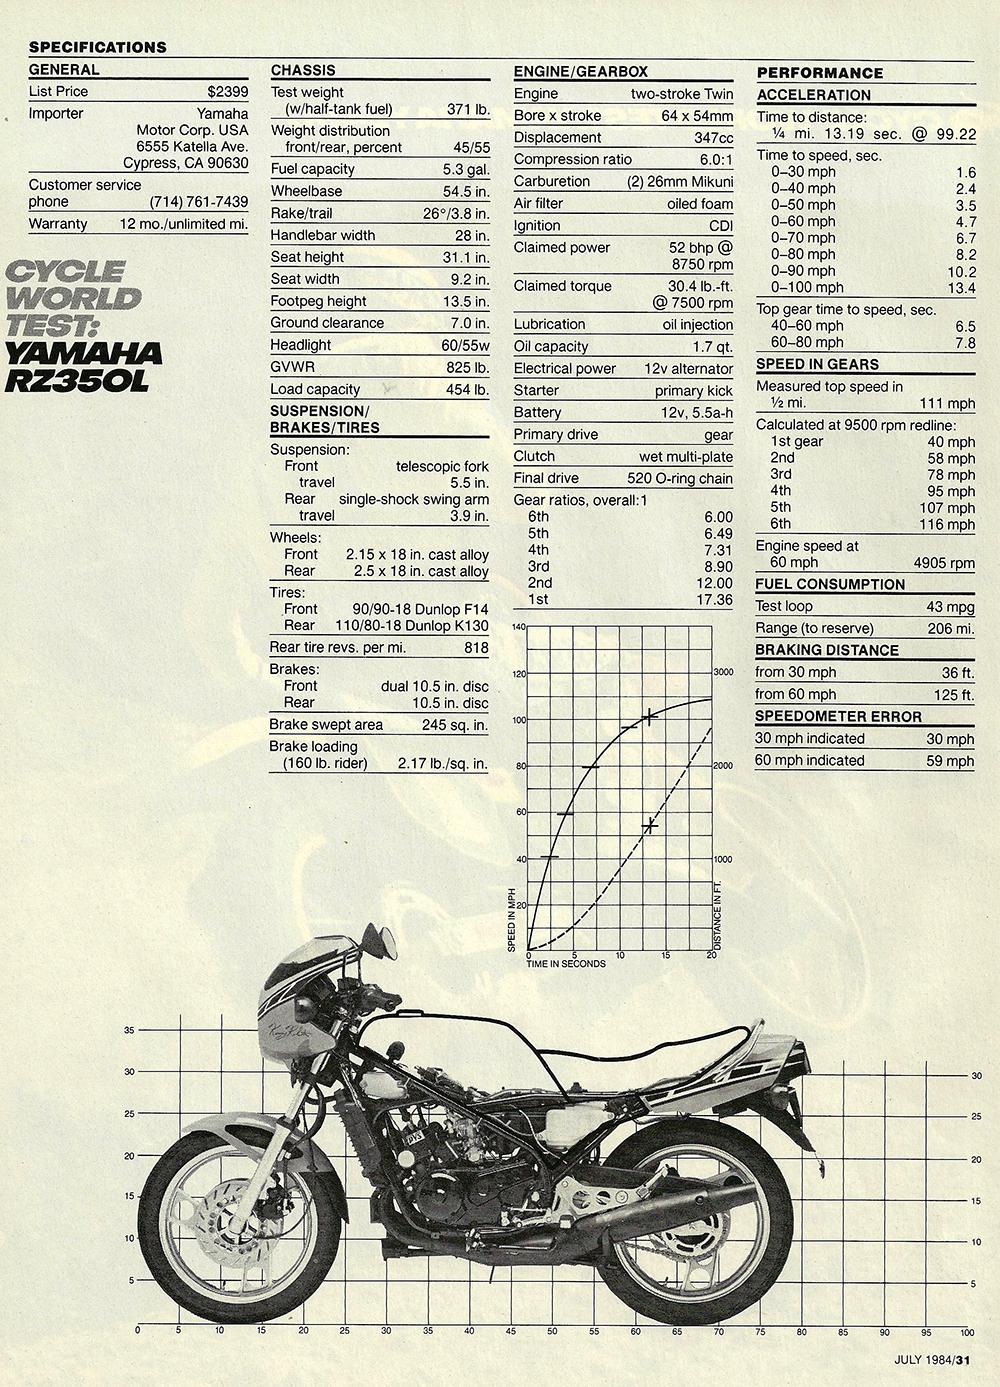 1984 Yamaha RZ350 road test — Ye Olde Cycle Shoppe